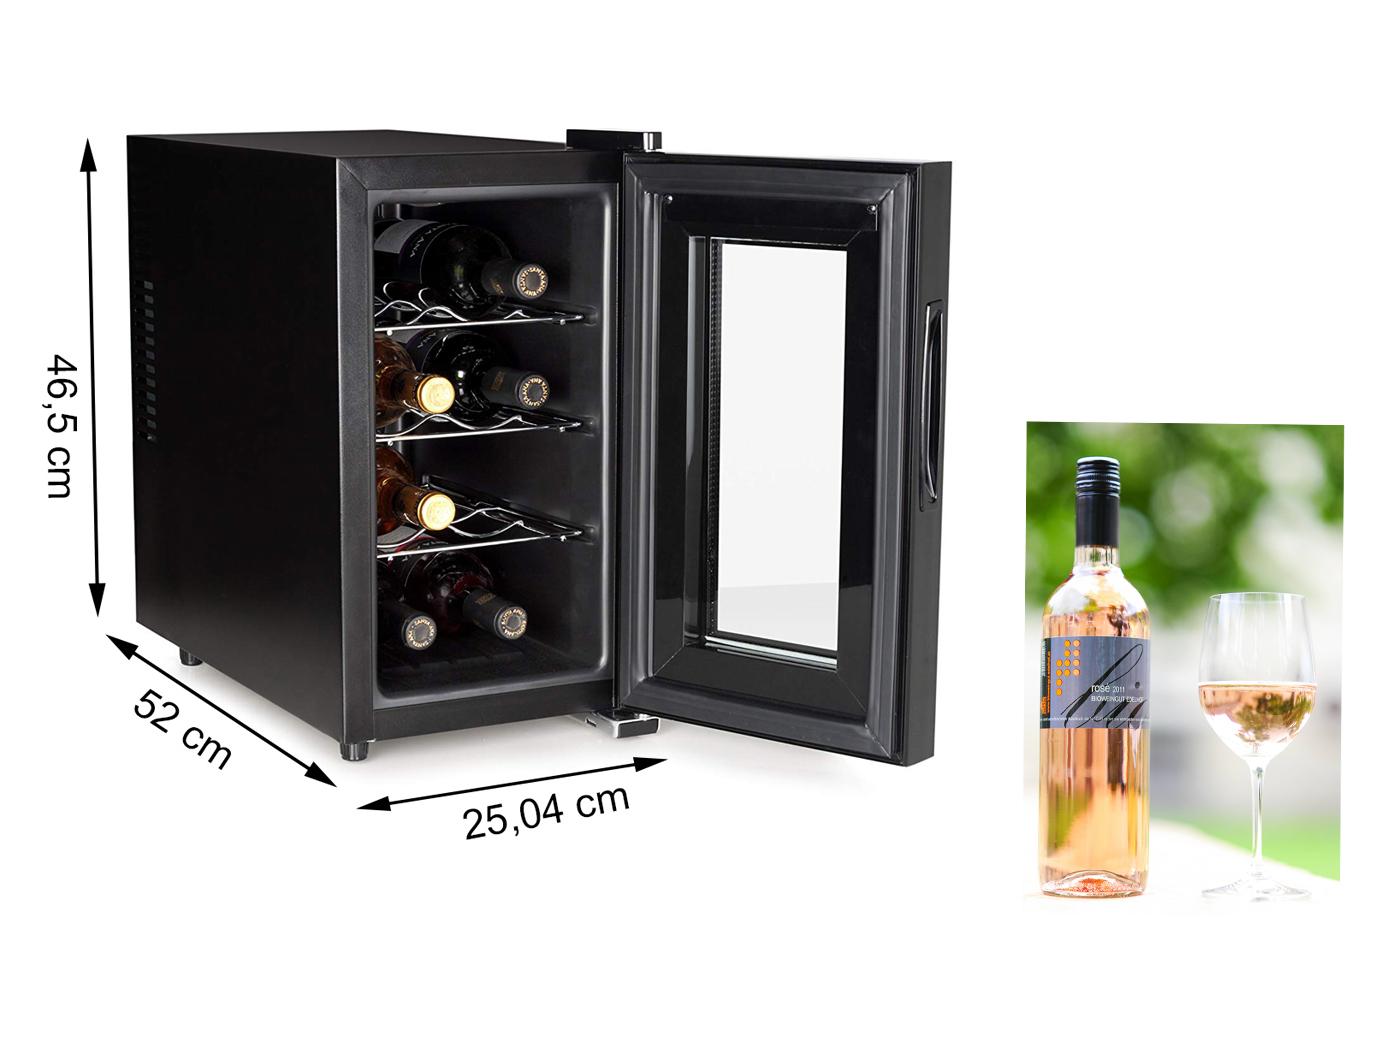 Kleiner Kühlschrank Für Flaschen : Weinkühlschrank getränkekühlschrank flaschen weinregal